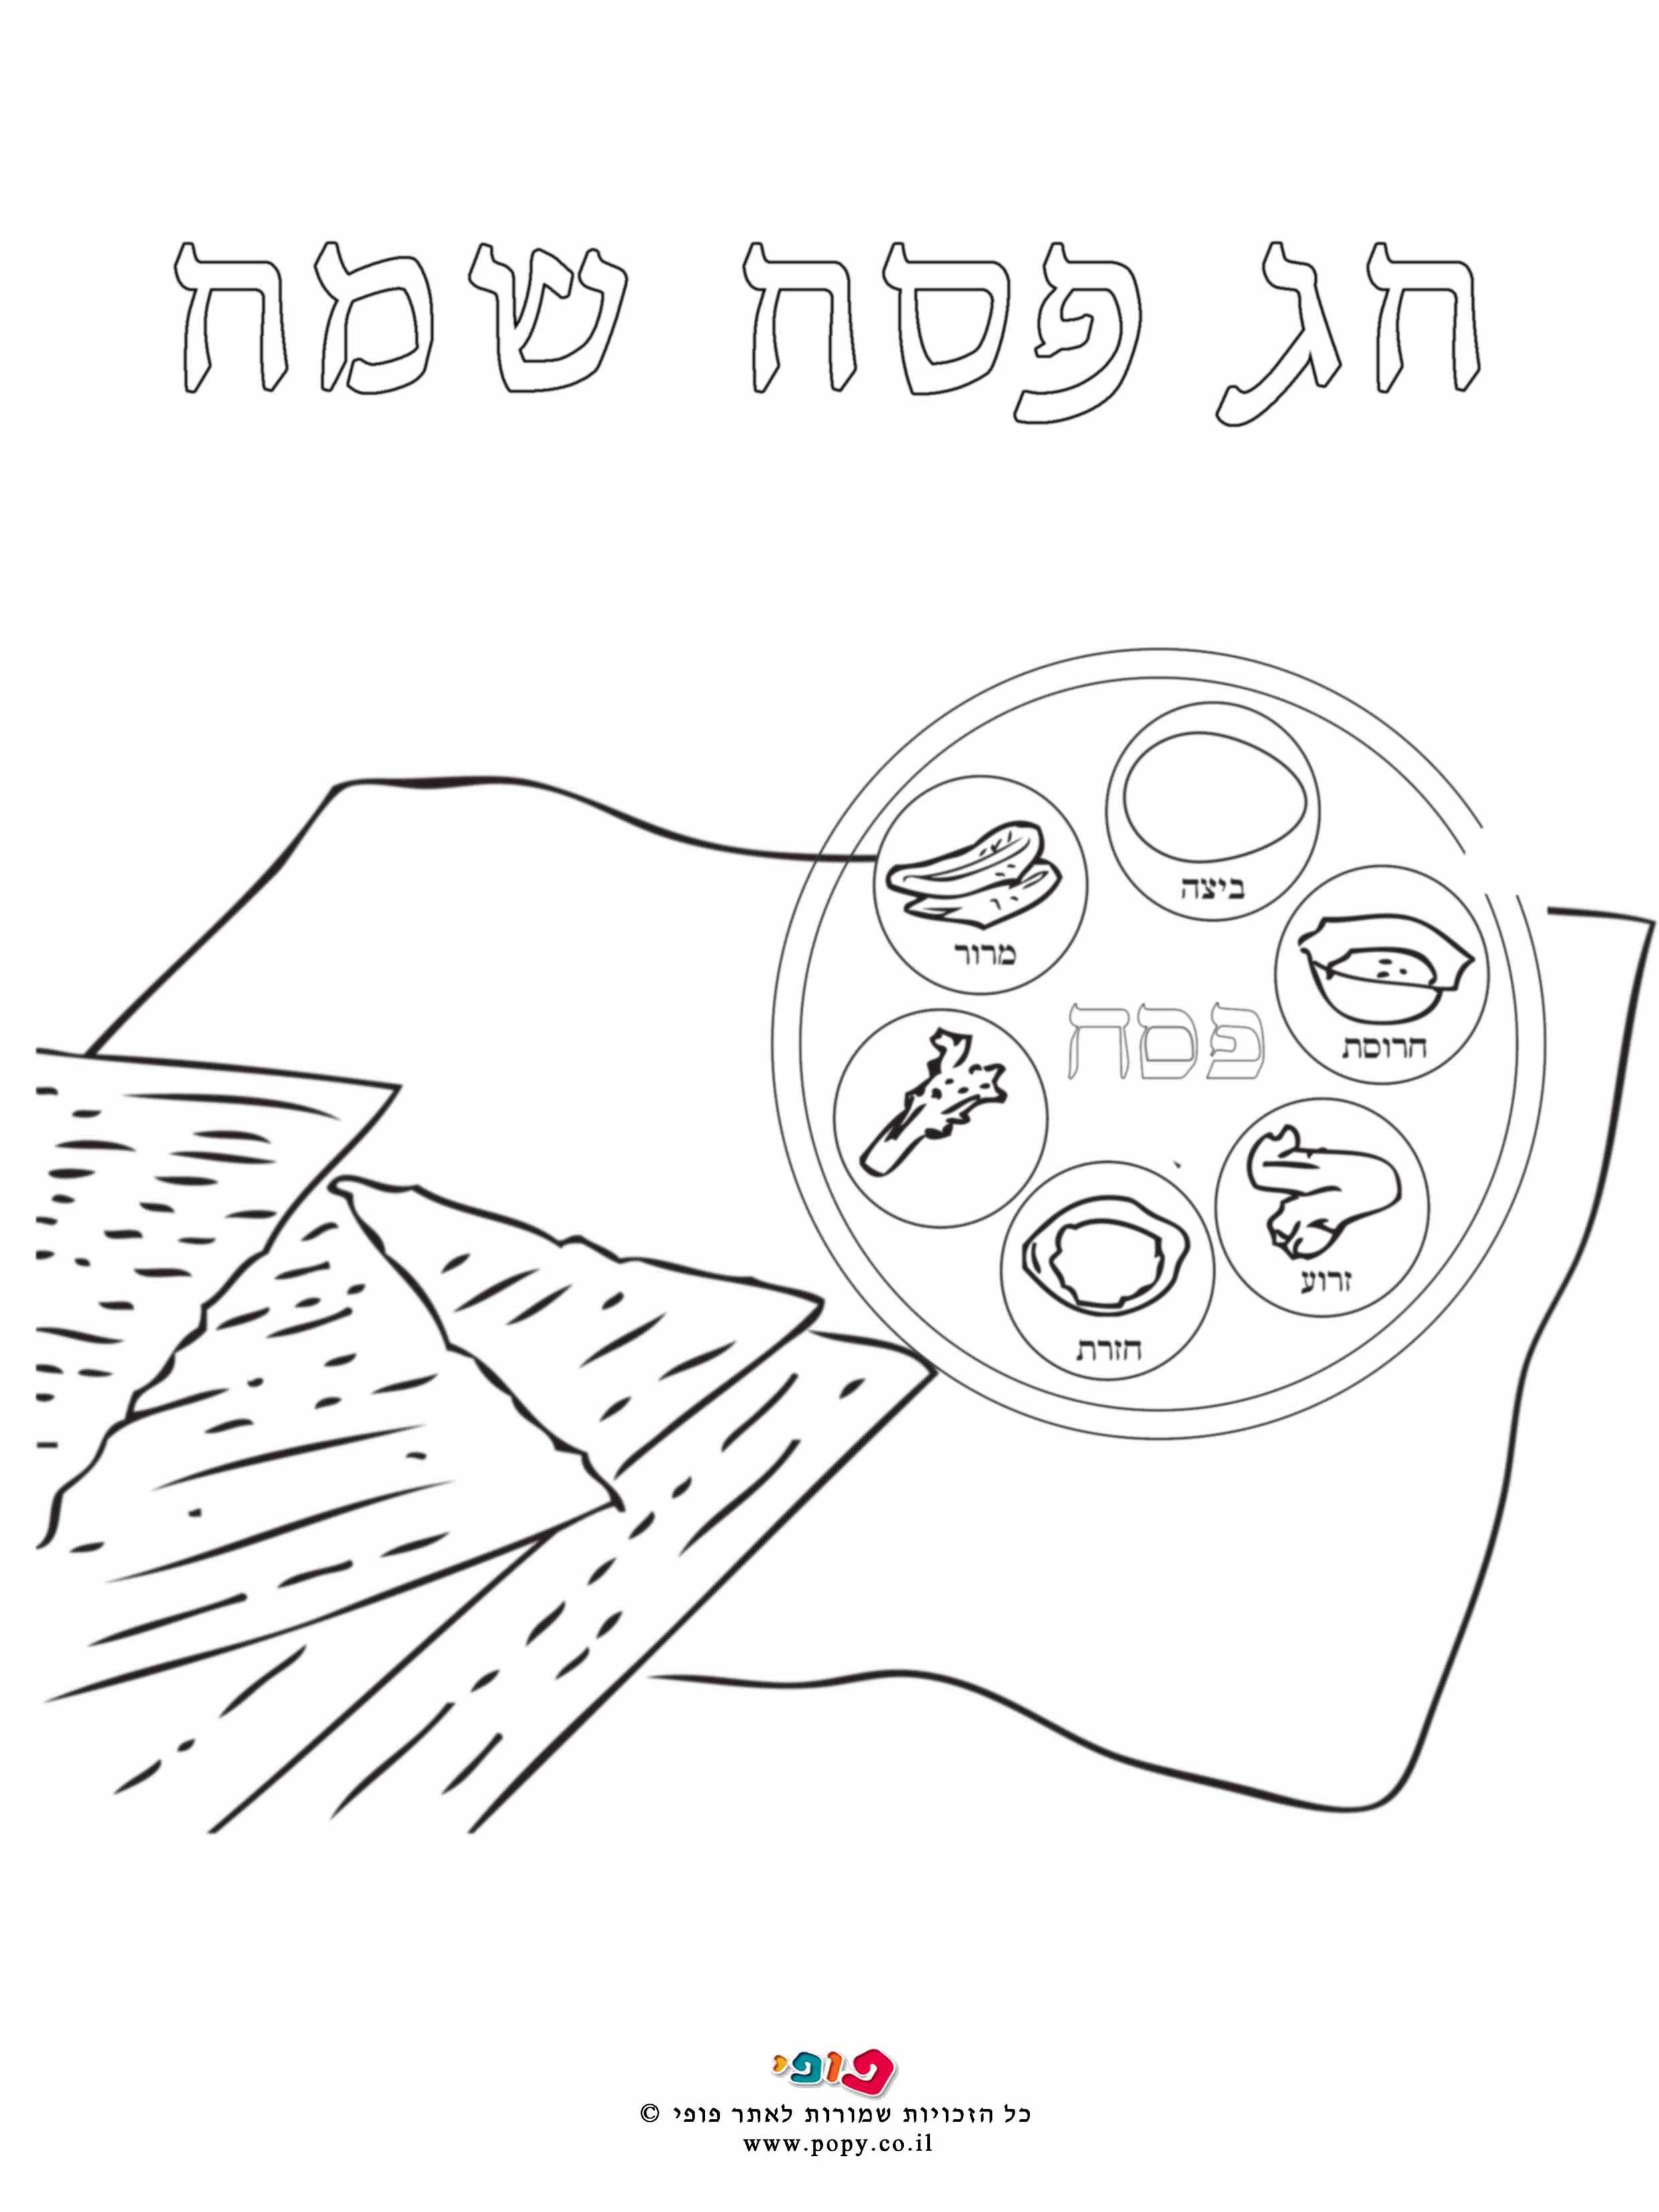 דפי יצירה לילדים לחג הפסח